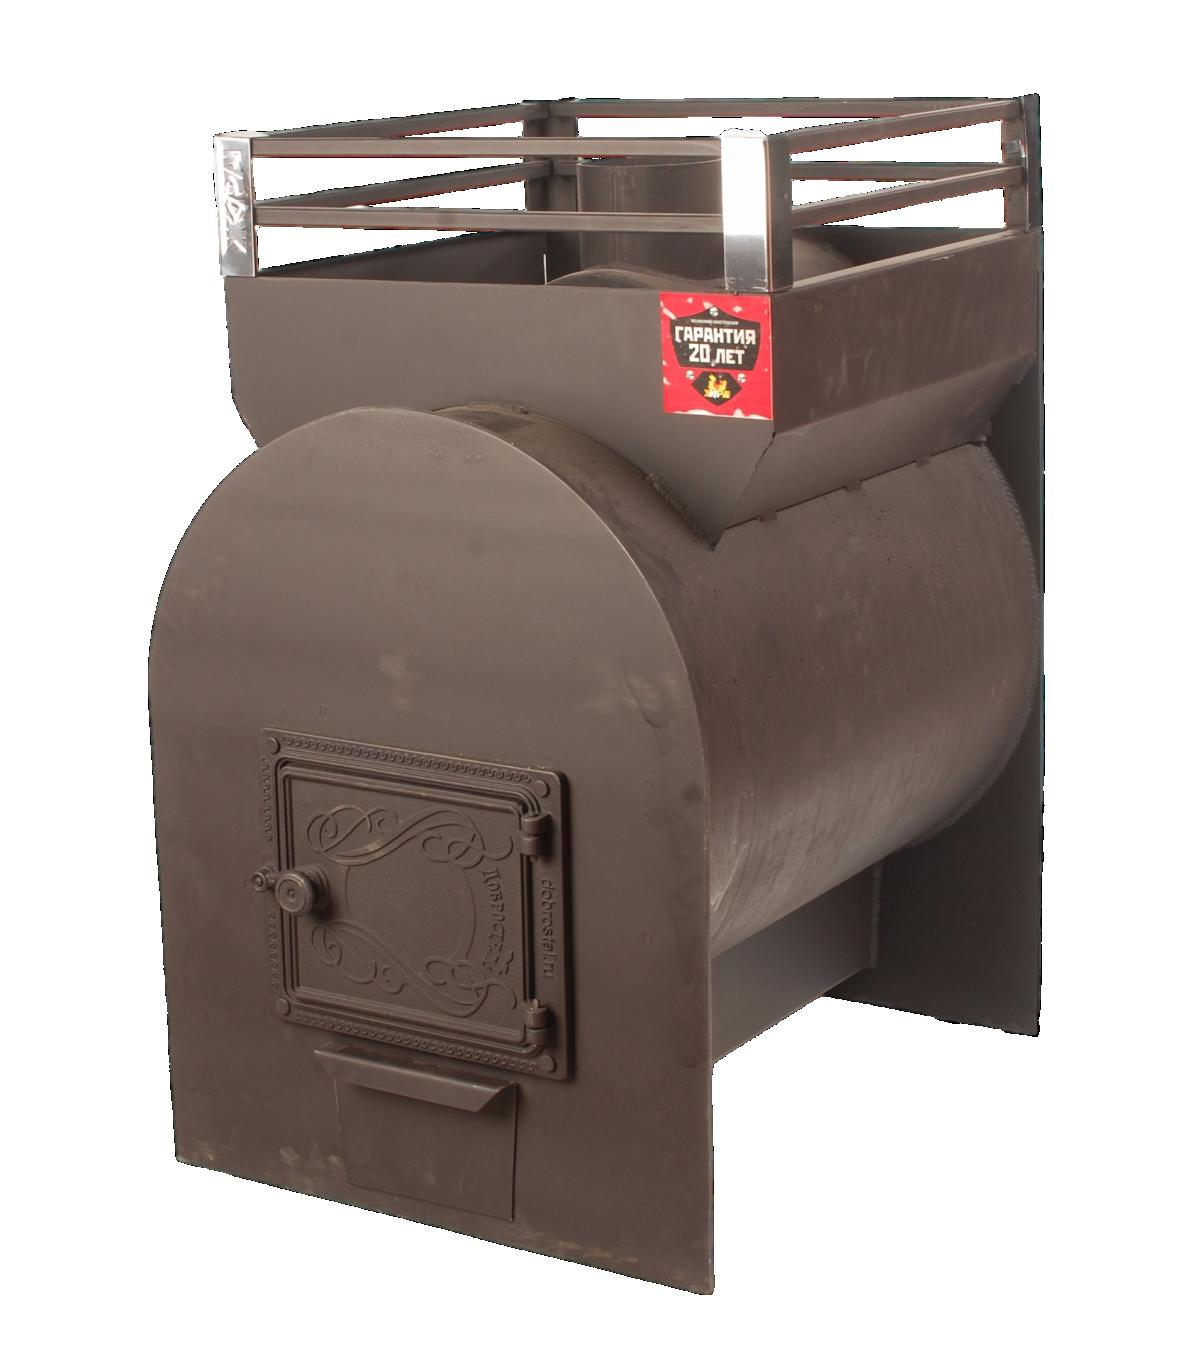 Теплообменником для печи жара Уплотнения теплообменника Danfoss XGF100-034H Якутск